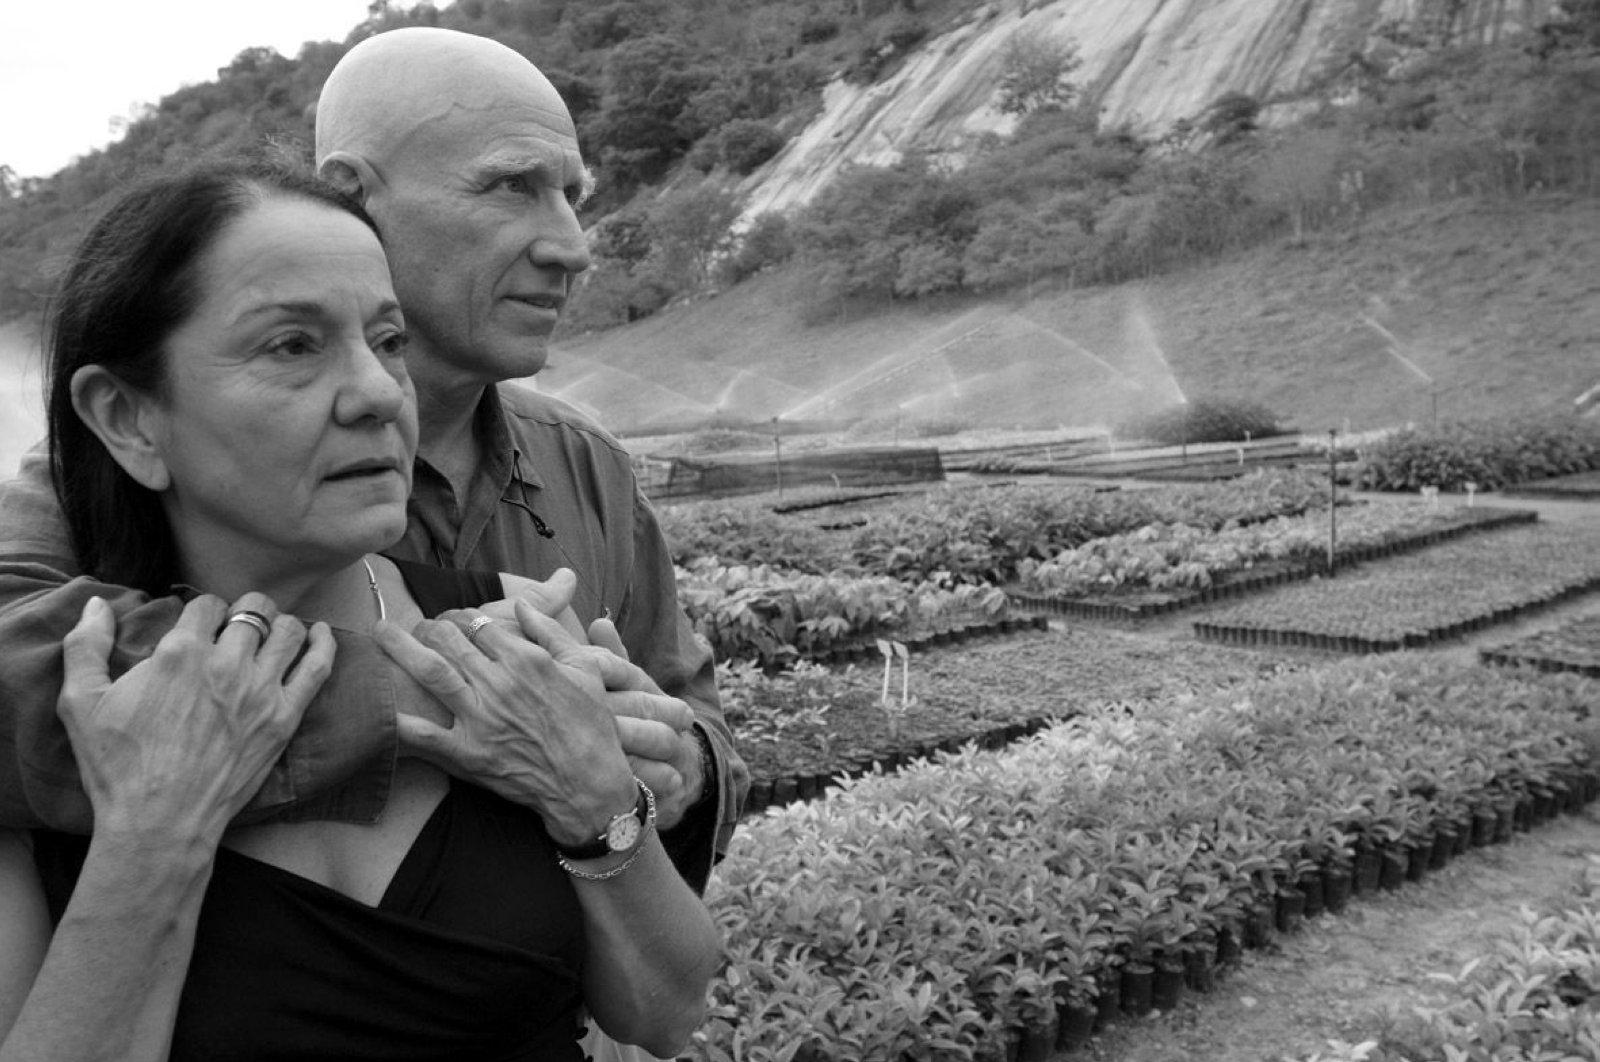 """Recomandare film: The Salt of the Earth sau """"o lecție de privire"""". Unul dintre cele mai frumoase documentare, din punct de vedere vizual, al ultimilor ani"""